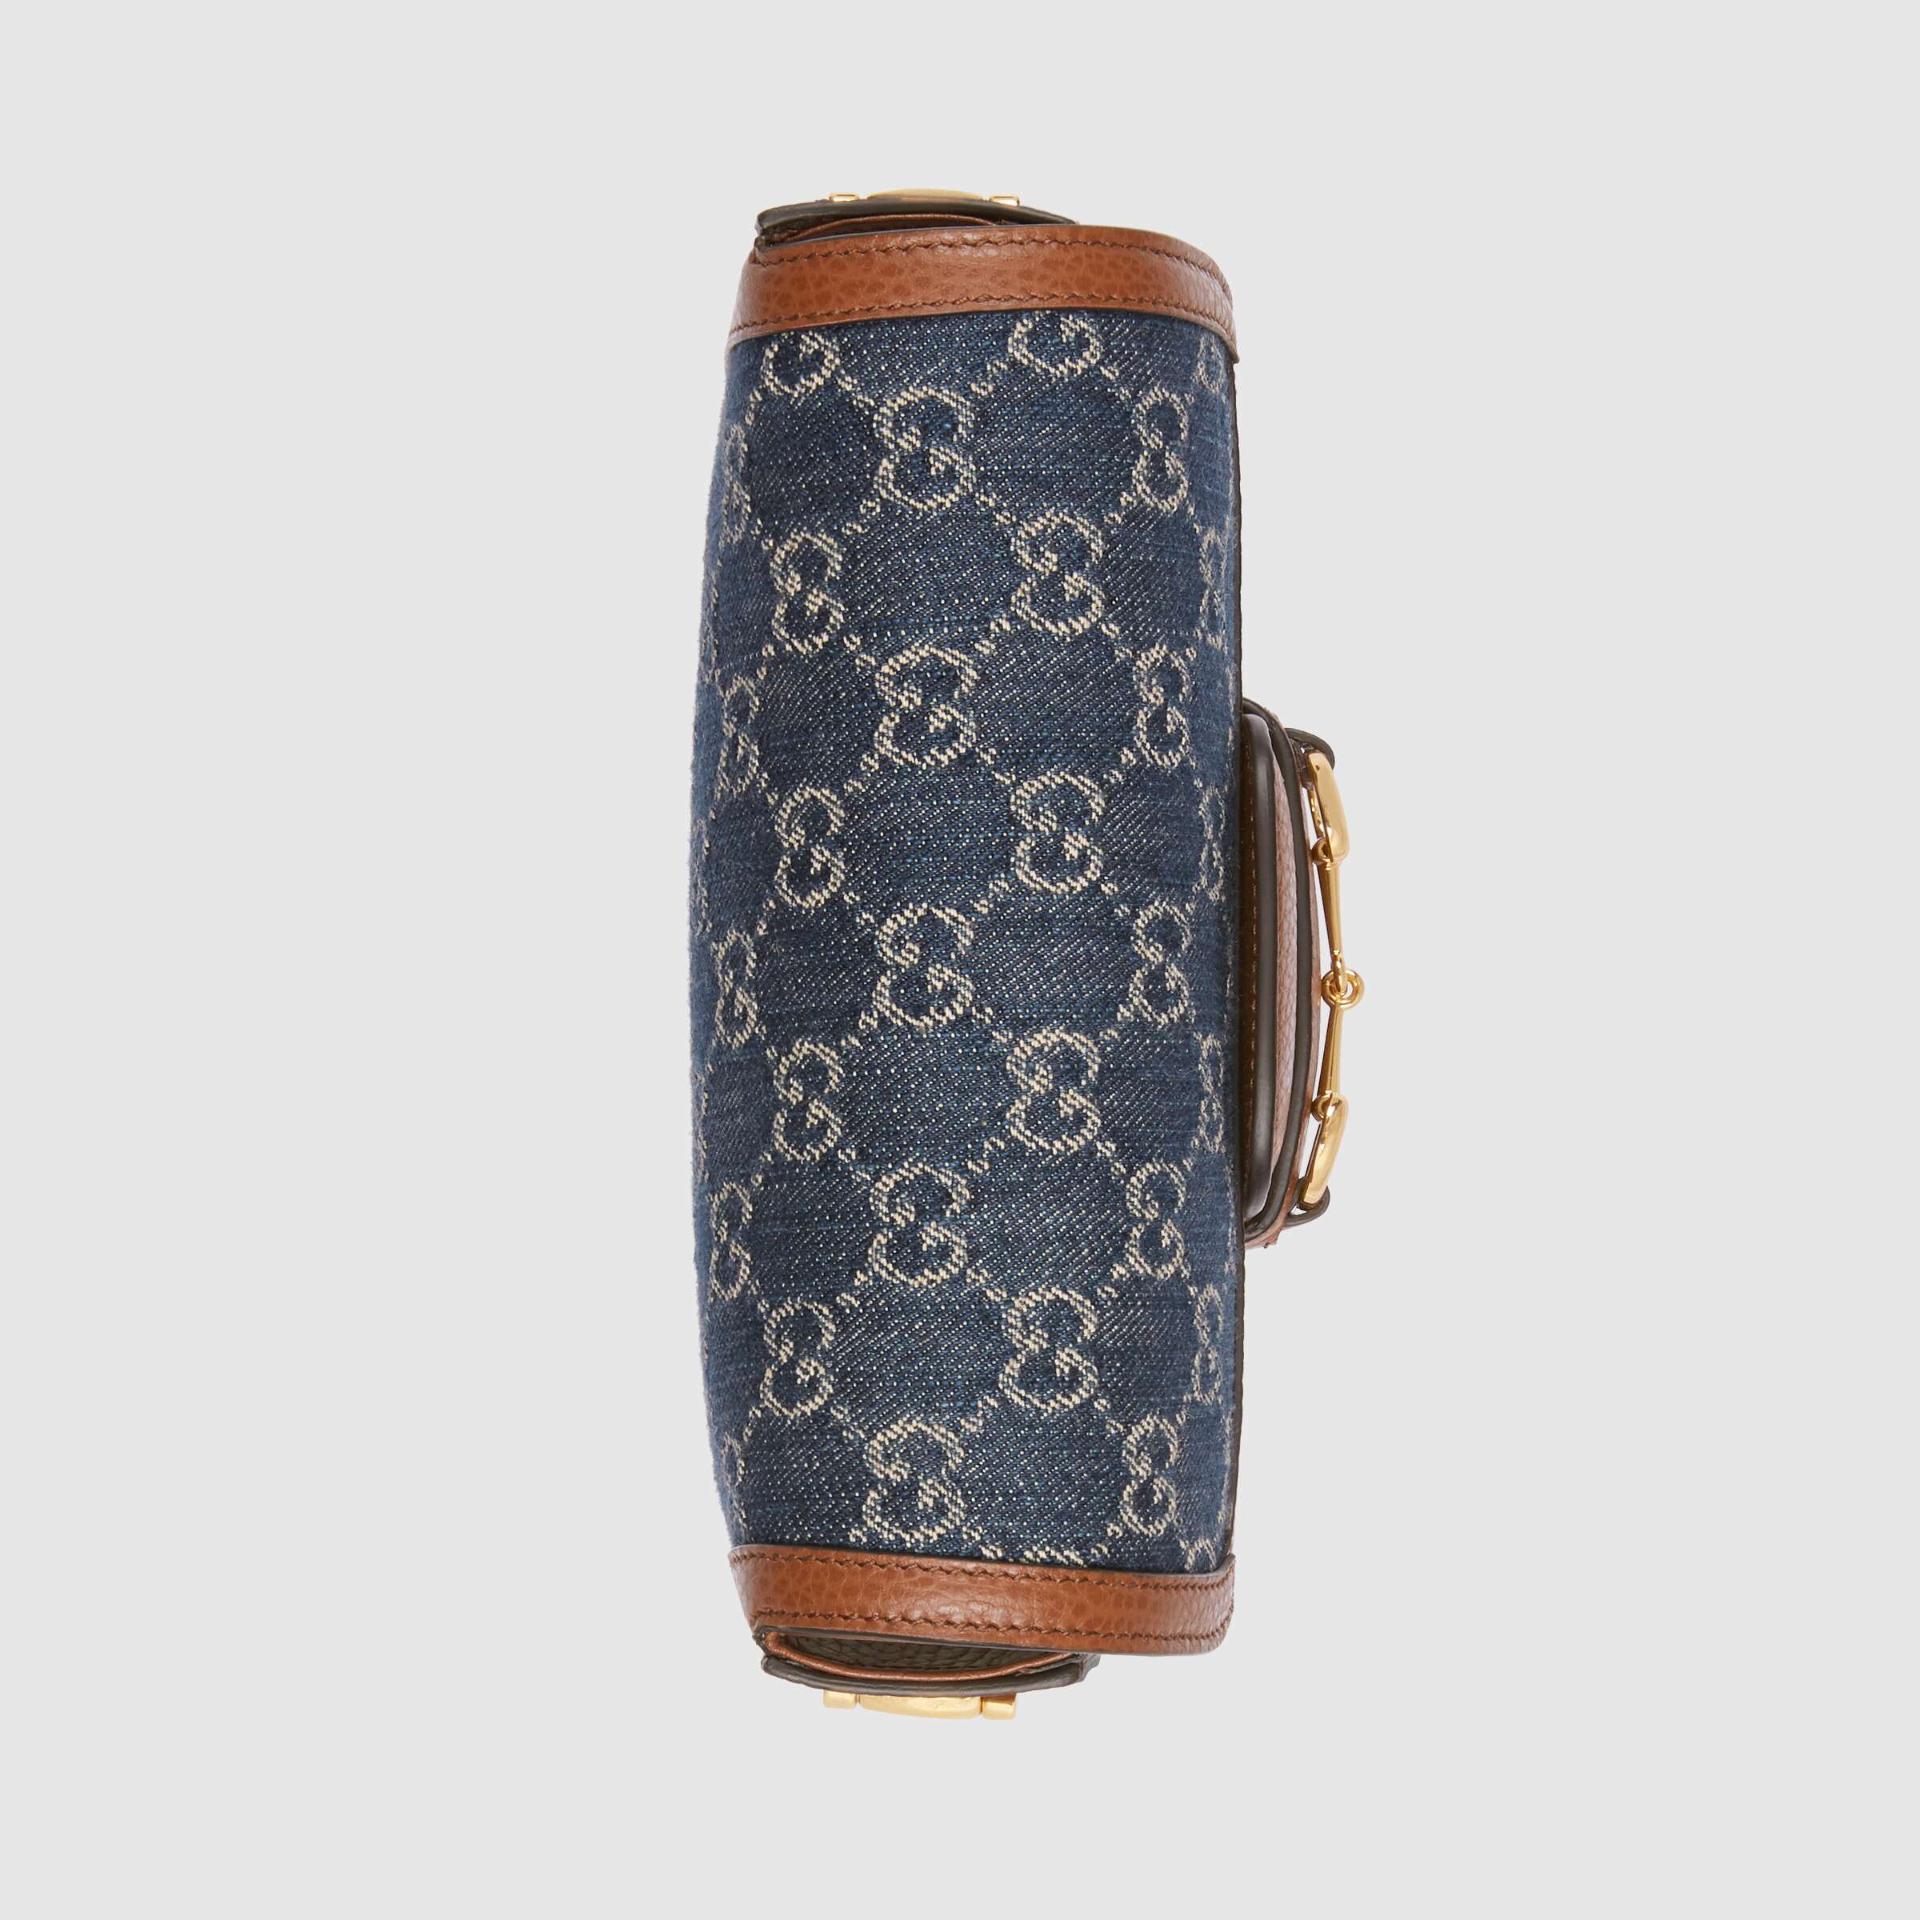 유럽직배송 구찌 GUCCI Gucci - Gucci Horsebit 1955 mini bag 6585742KQPG8391